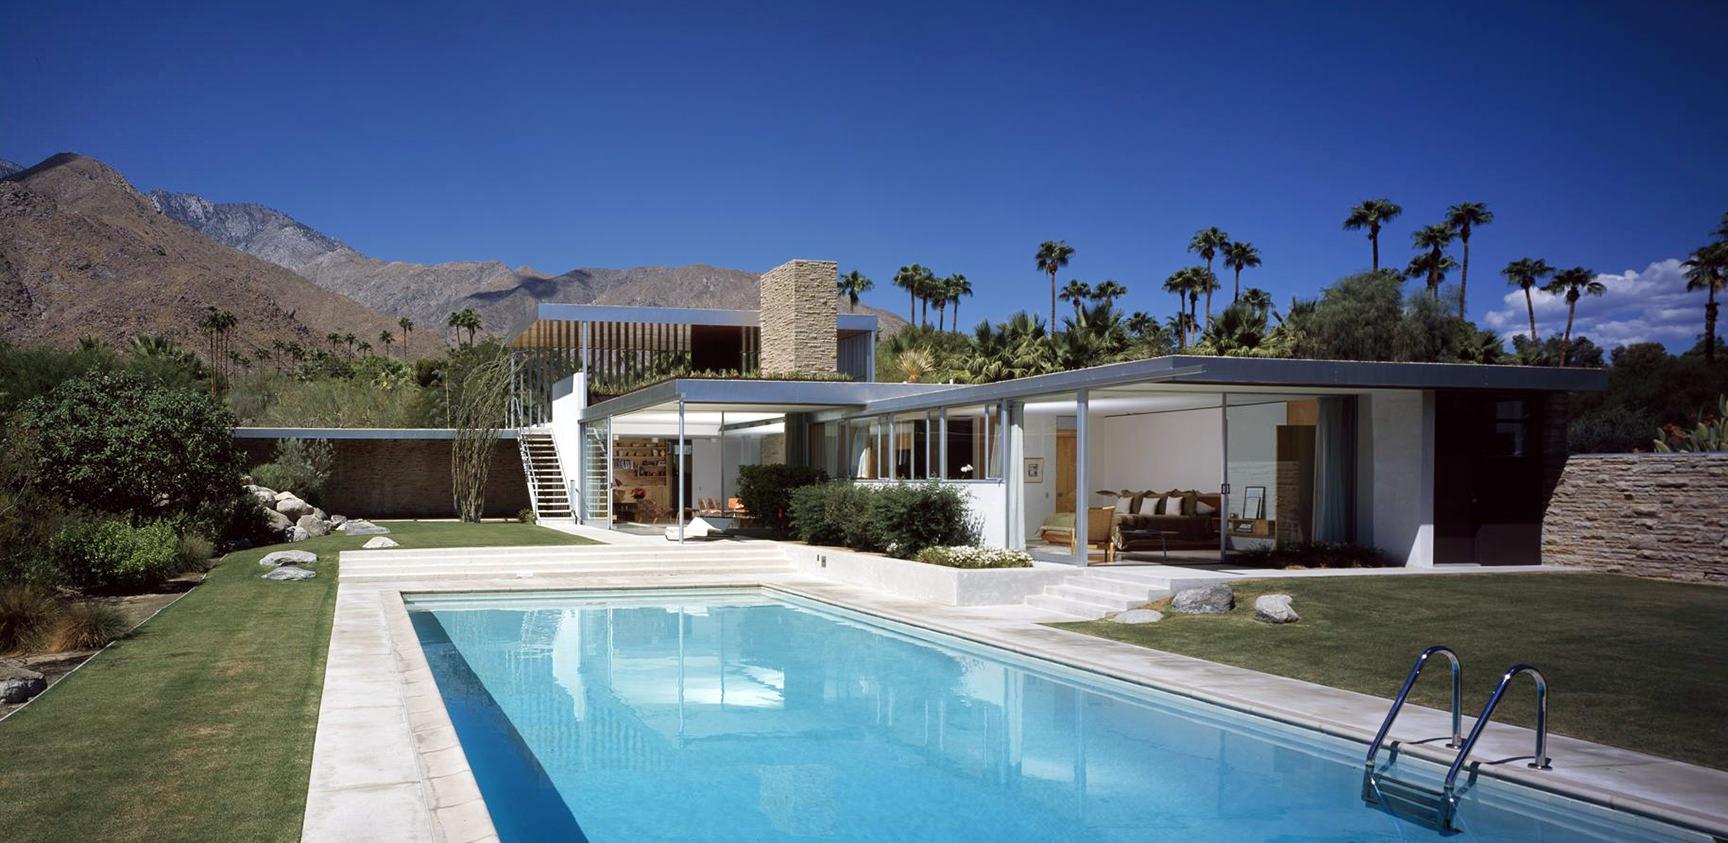 DC Hilliers MCM Daily  The Kaufmann Desert House